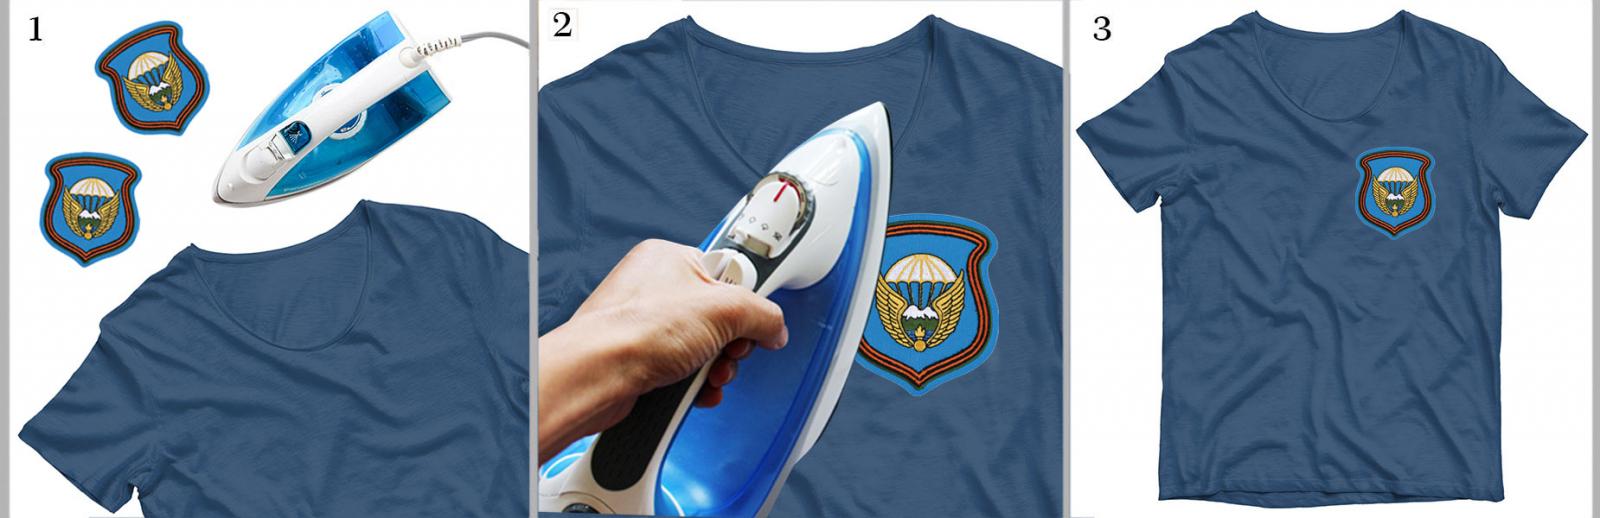 Вышитая эмблема 7 гв. ДШД на футболке